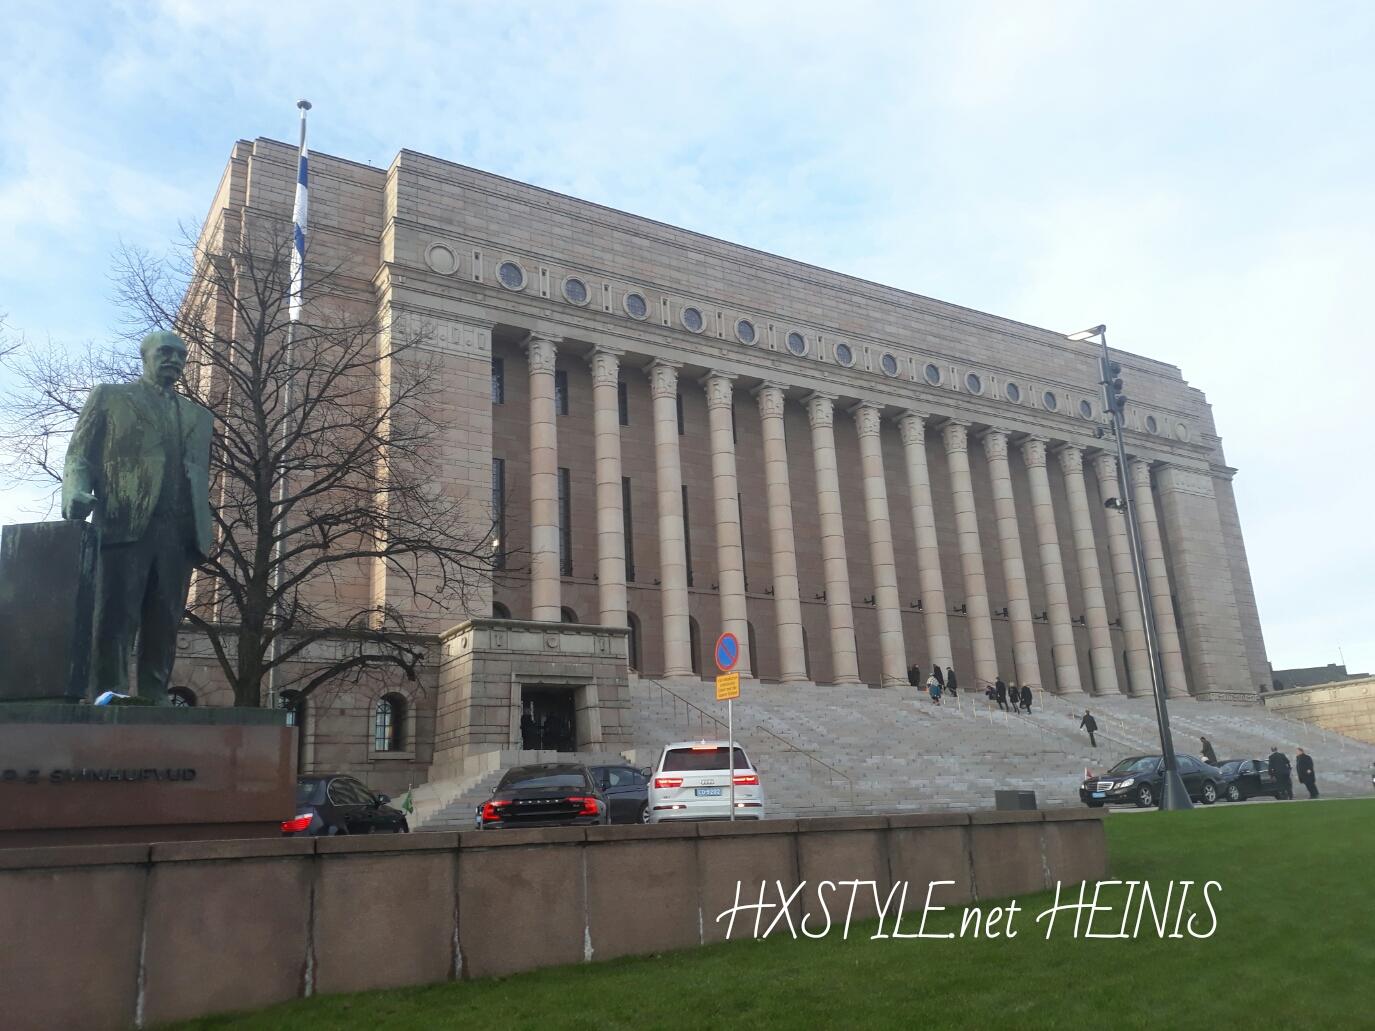 KULTTUURI. HISTORIA&NYKYAIKA SUOMI, FINLAND. JUHLAVUOSI SUOMI100. HELSINKI, Suomen Pääkaupunki. EDUSKUNTATALO ja PIKKUPARLAMENTTI, 3. ja 12. PRESIDENTTI …7.12.2017